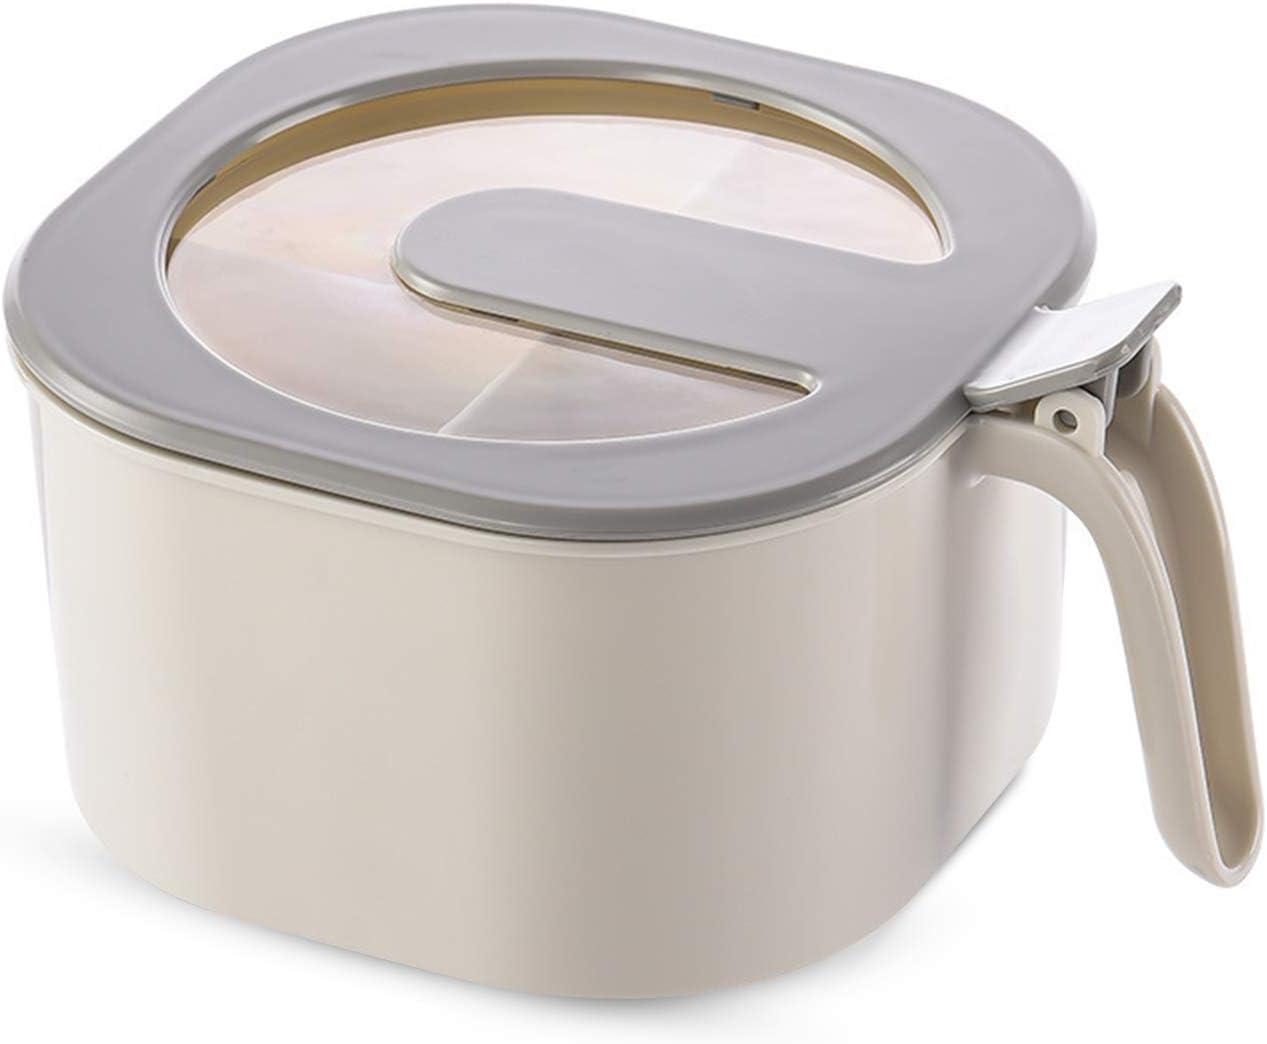 Hwtcjx salero cocina con tapa, saleros de cocina, 1 pieza azucarero original, Caja de Condimentos, salero y azucarero, Hecho de PS + PP, seguro y no tóxico, para sal, azúcar, pimienta, especias (gris)